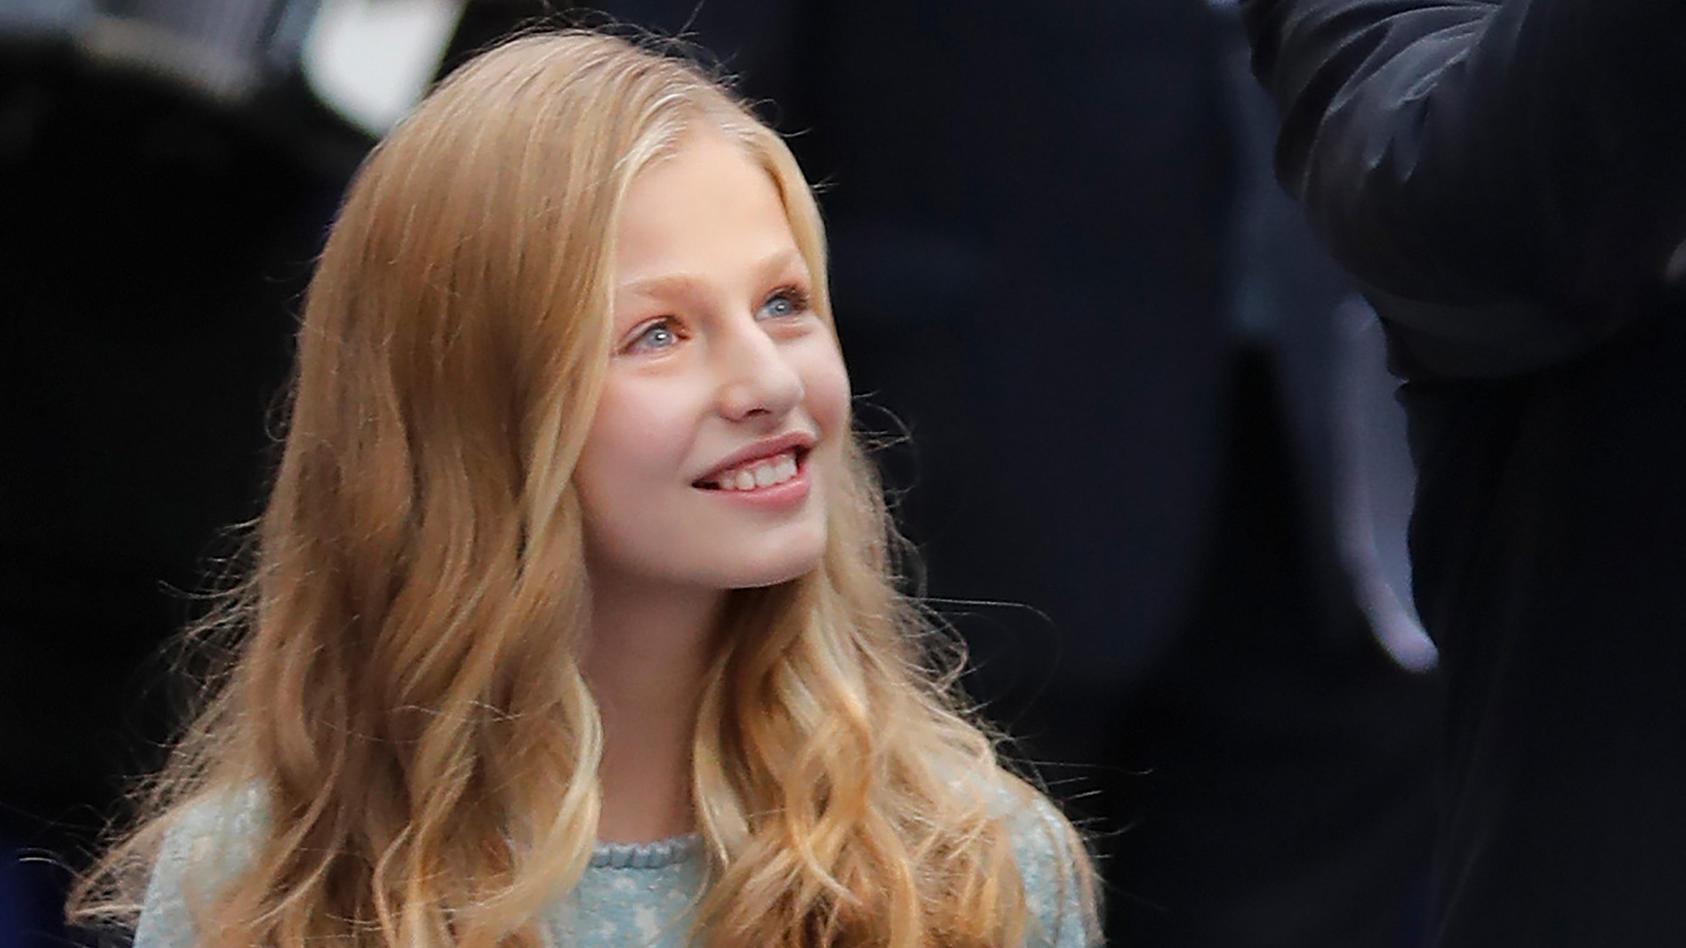 Spaniens Kronprinzessin Leonor wird ihren ersten Solo-Auftritt absolvieren